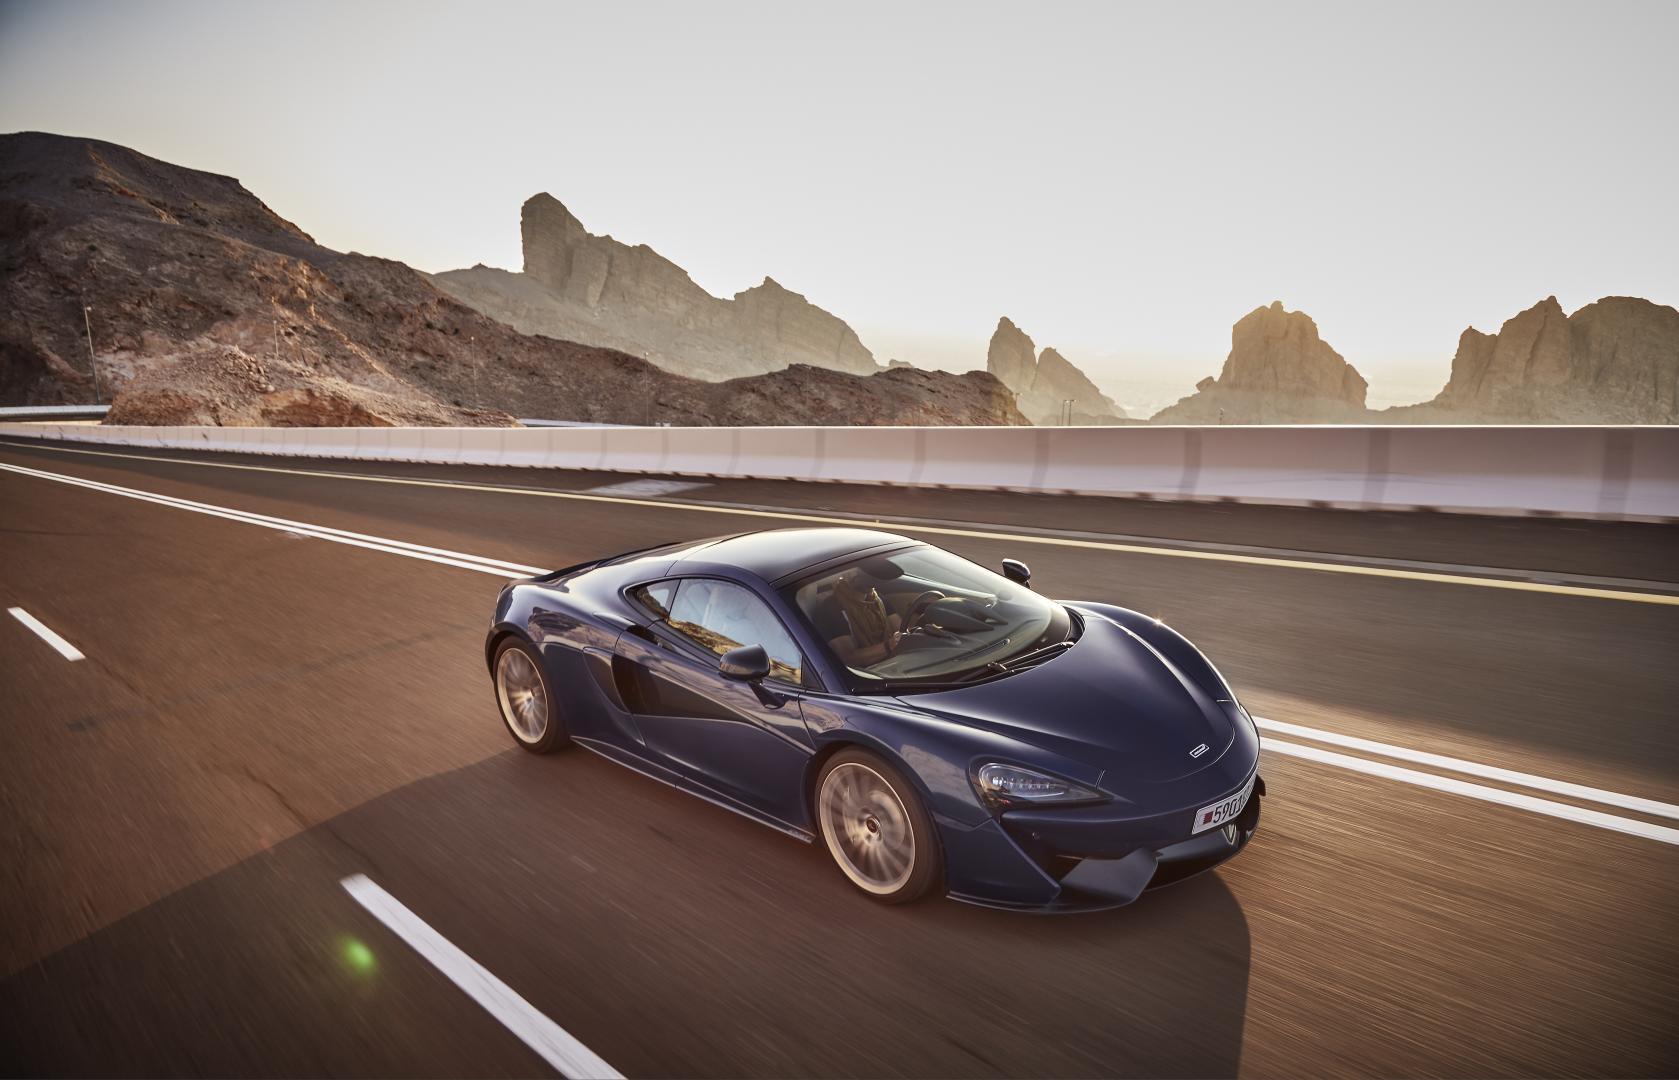 McLaren 570S Jebel Hafeet